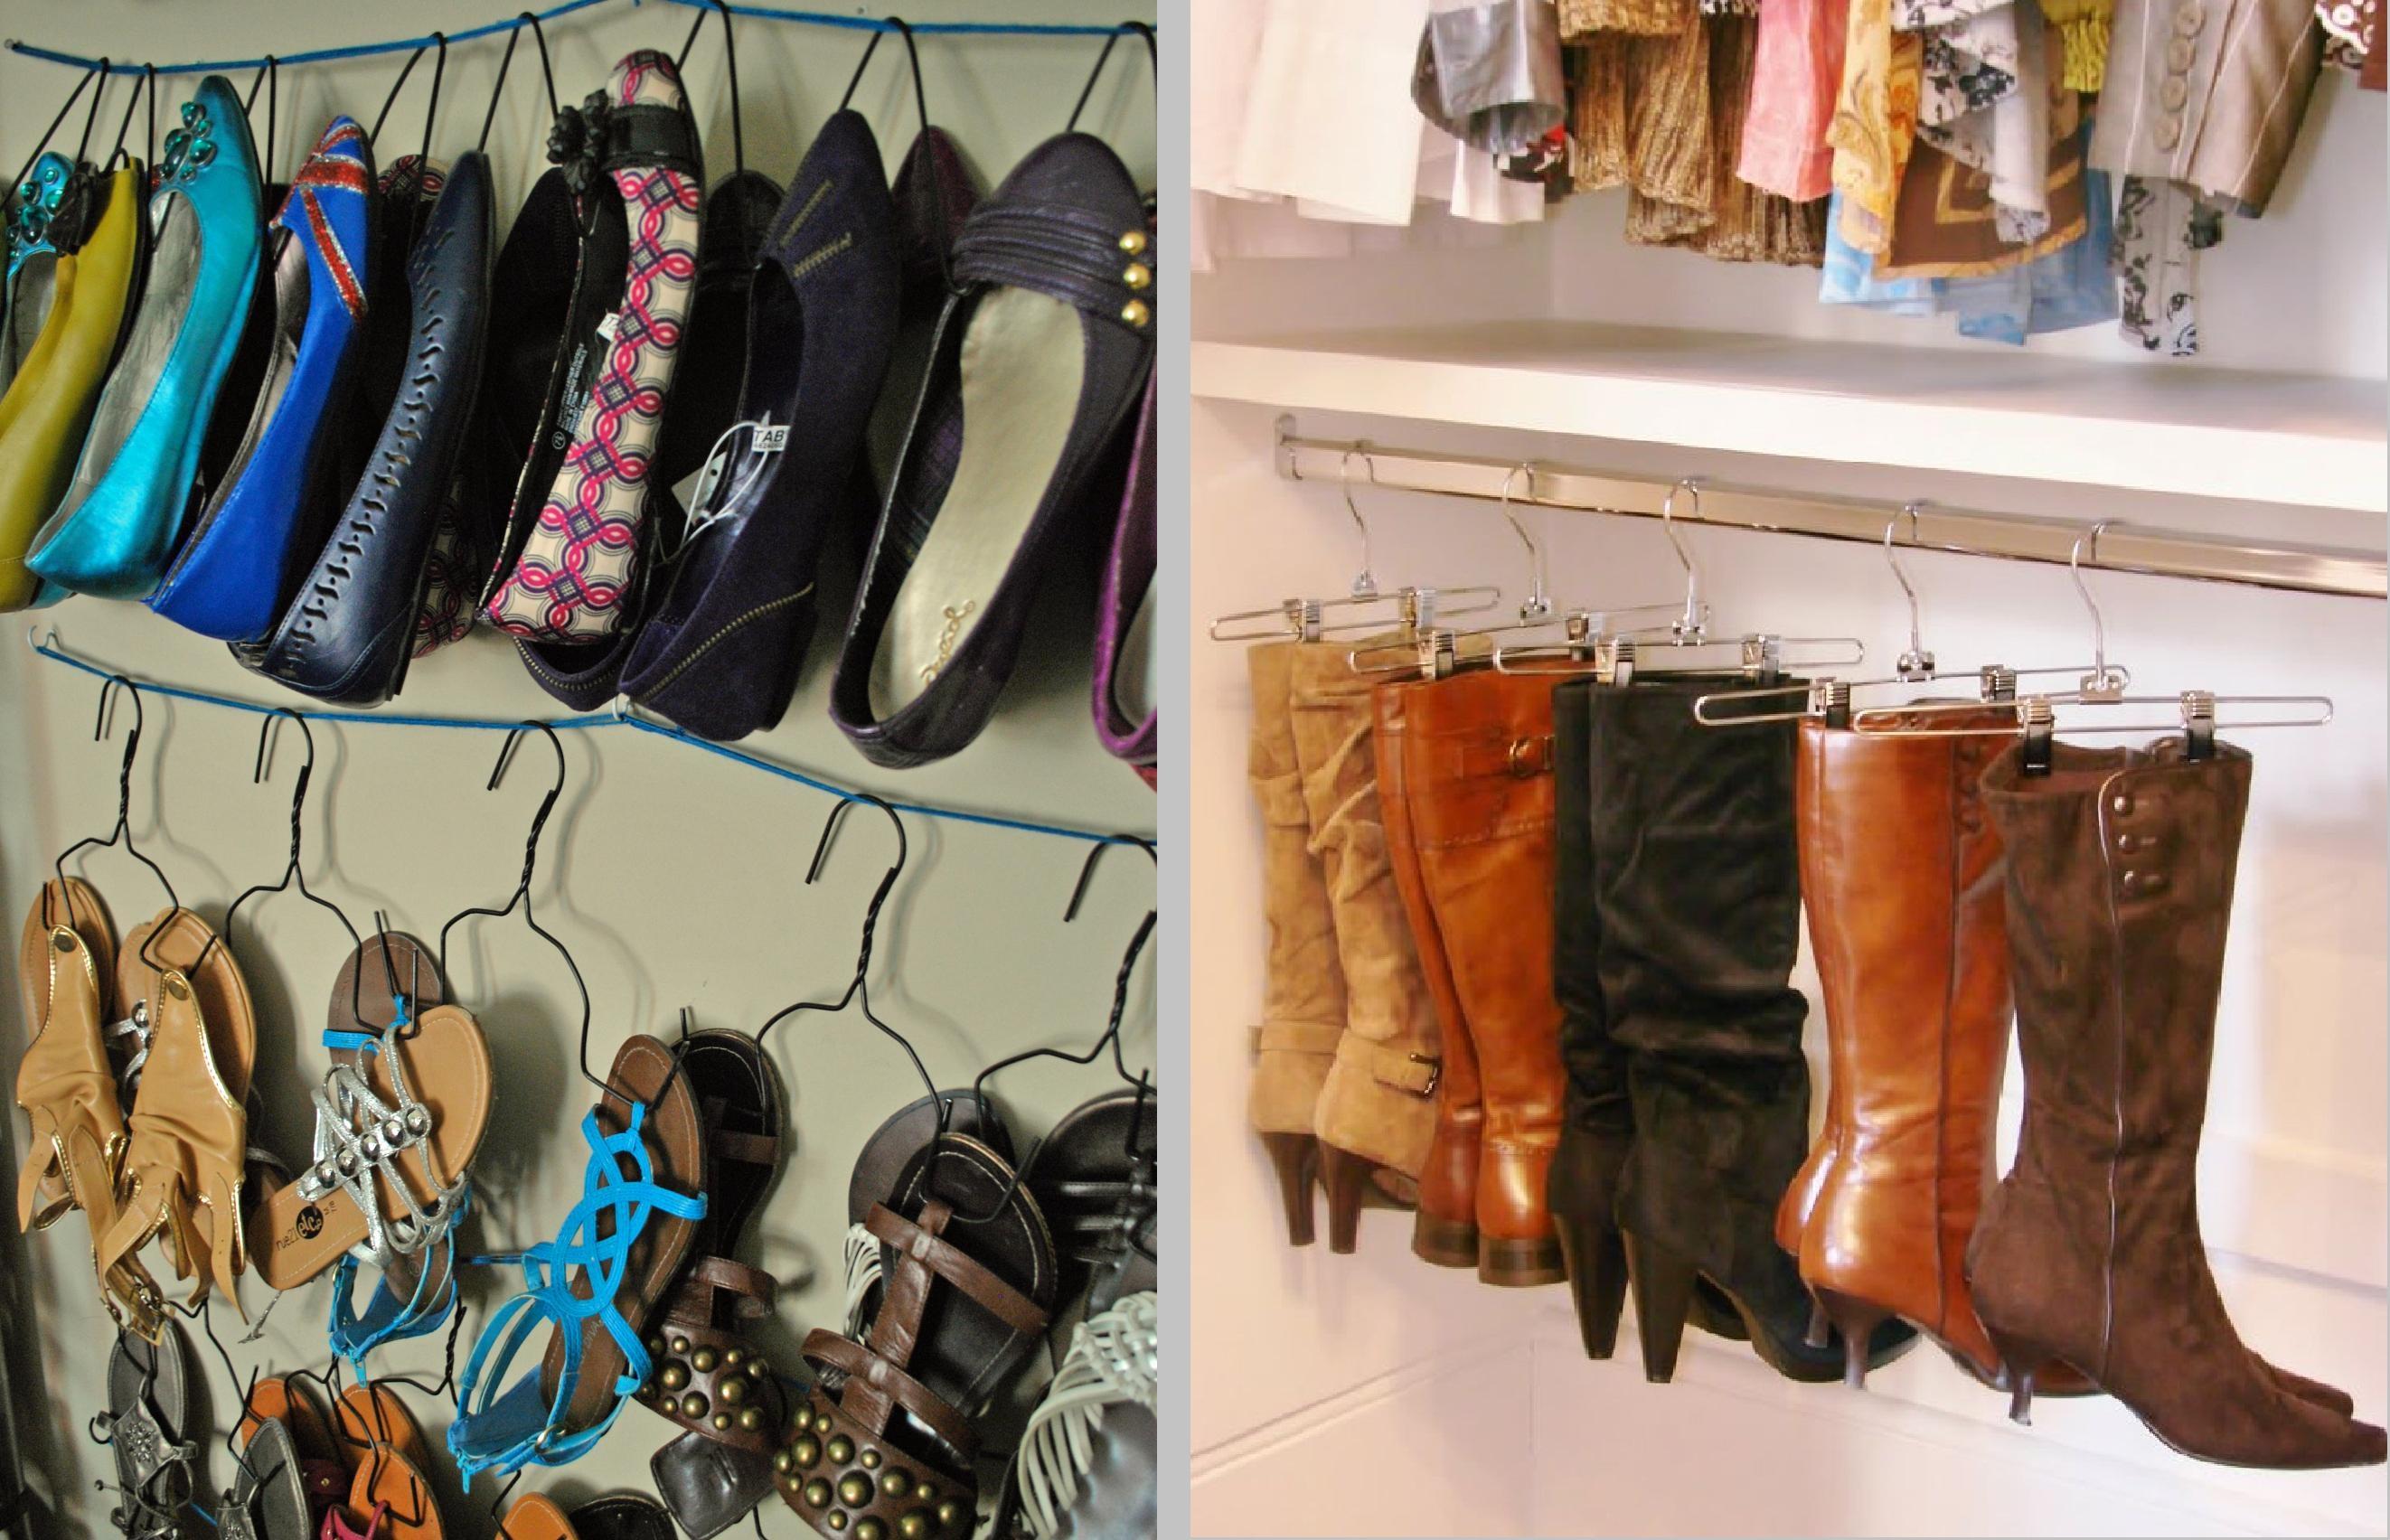 DIY Shoe Storage Idea Shoes On Hangers